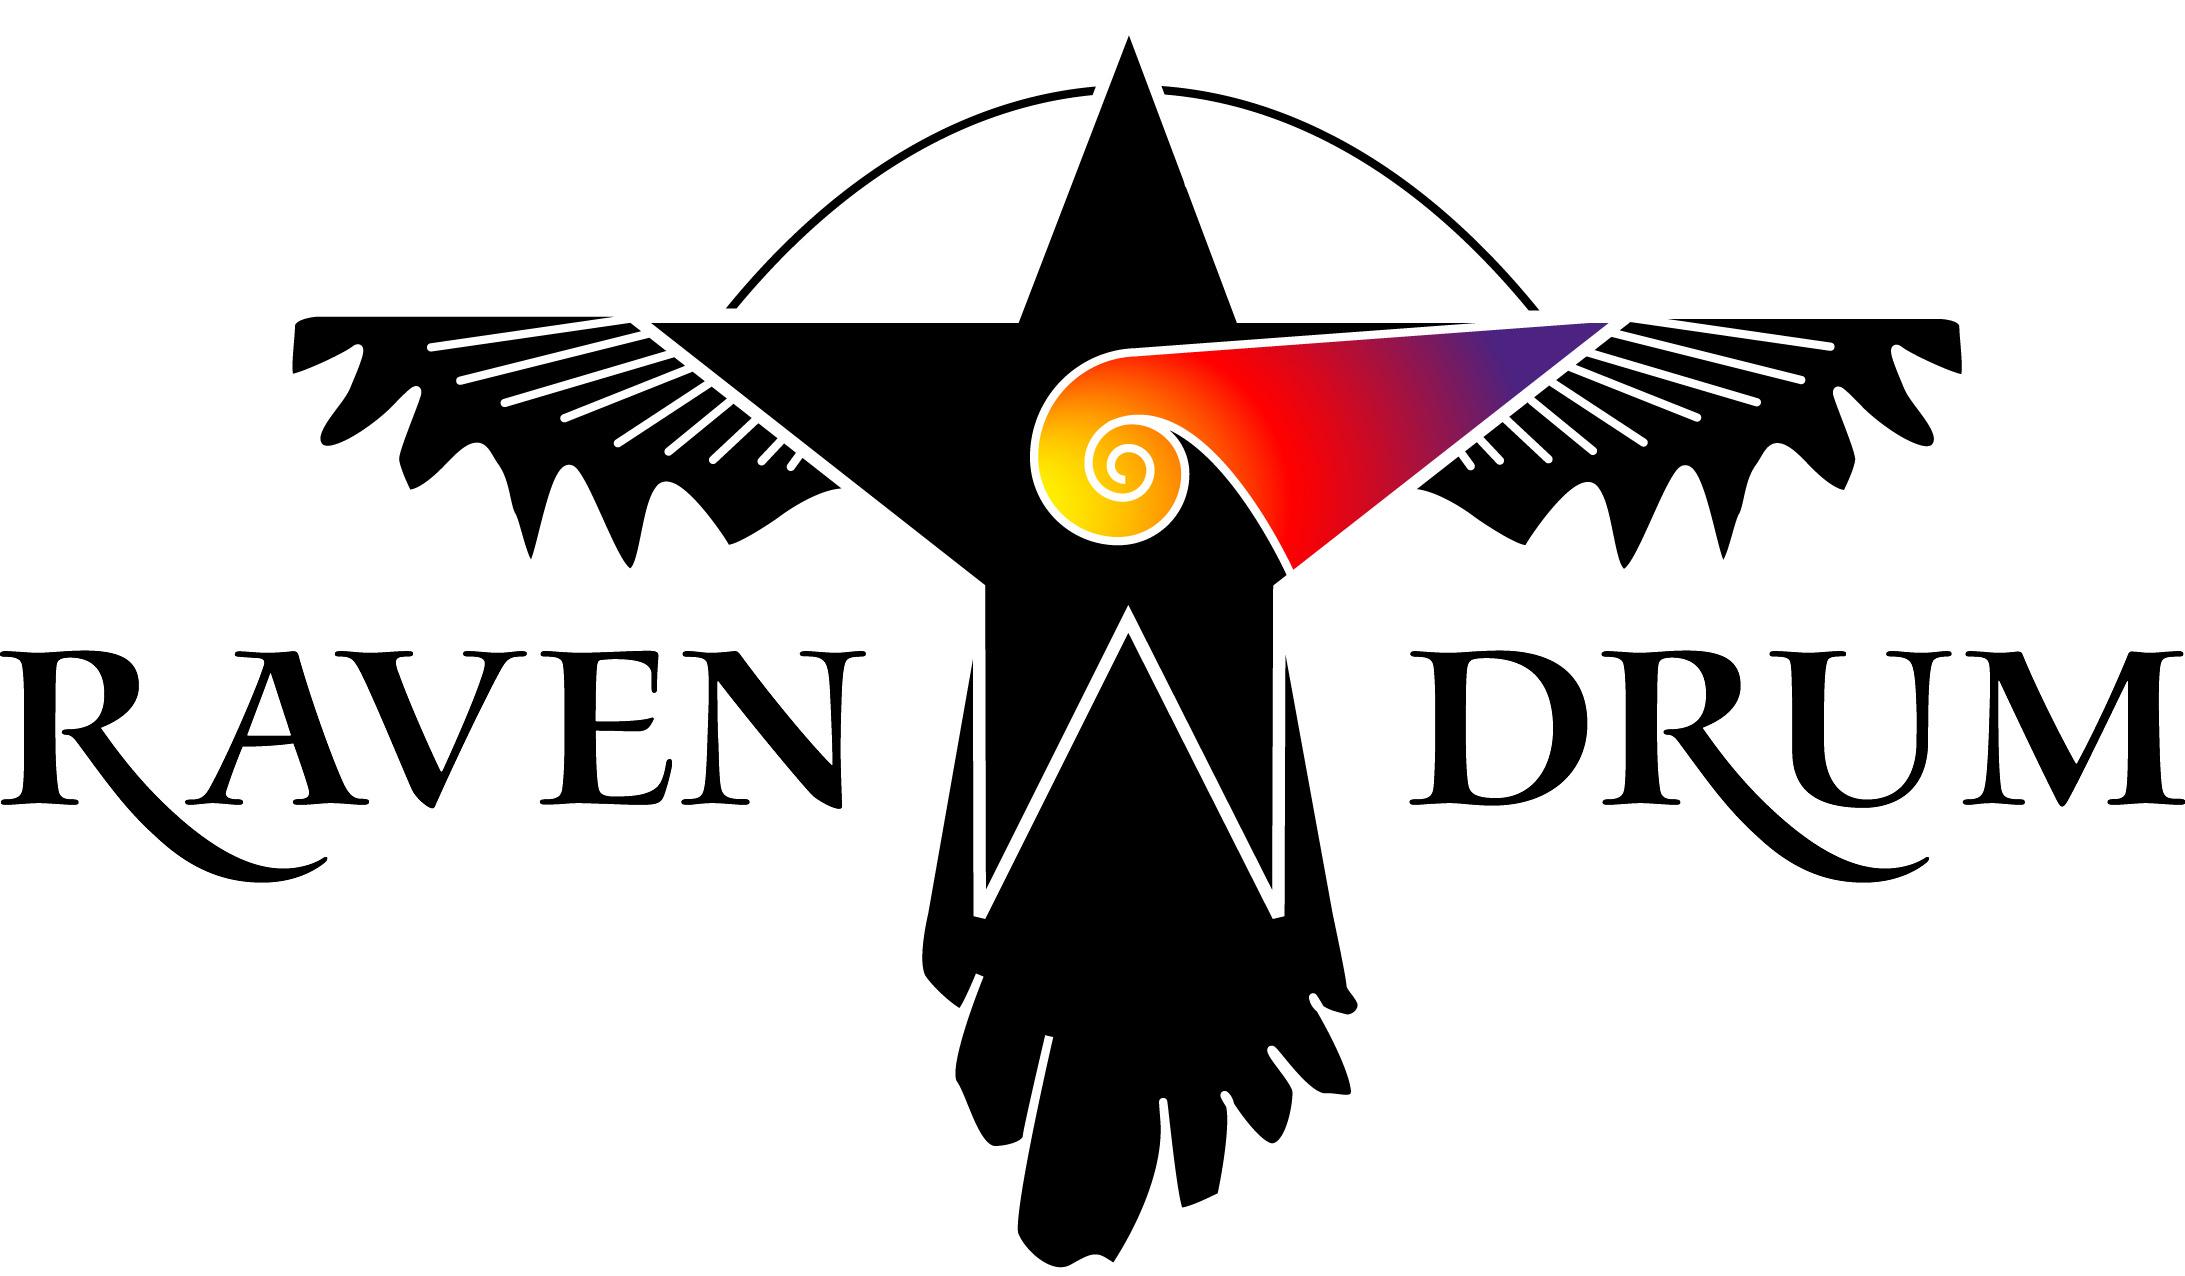 raven-drum-fulcrum-personal-growth.jpg